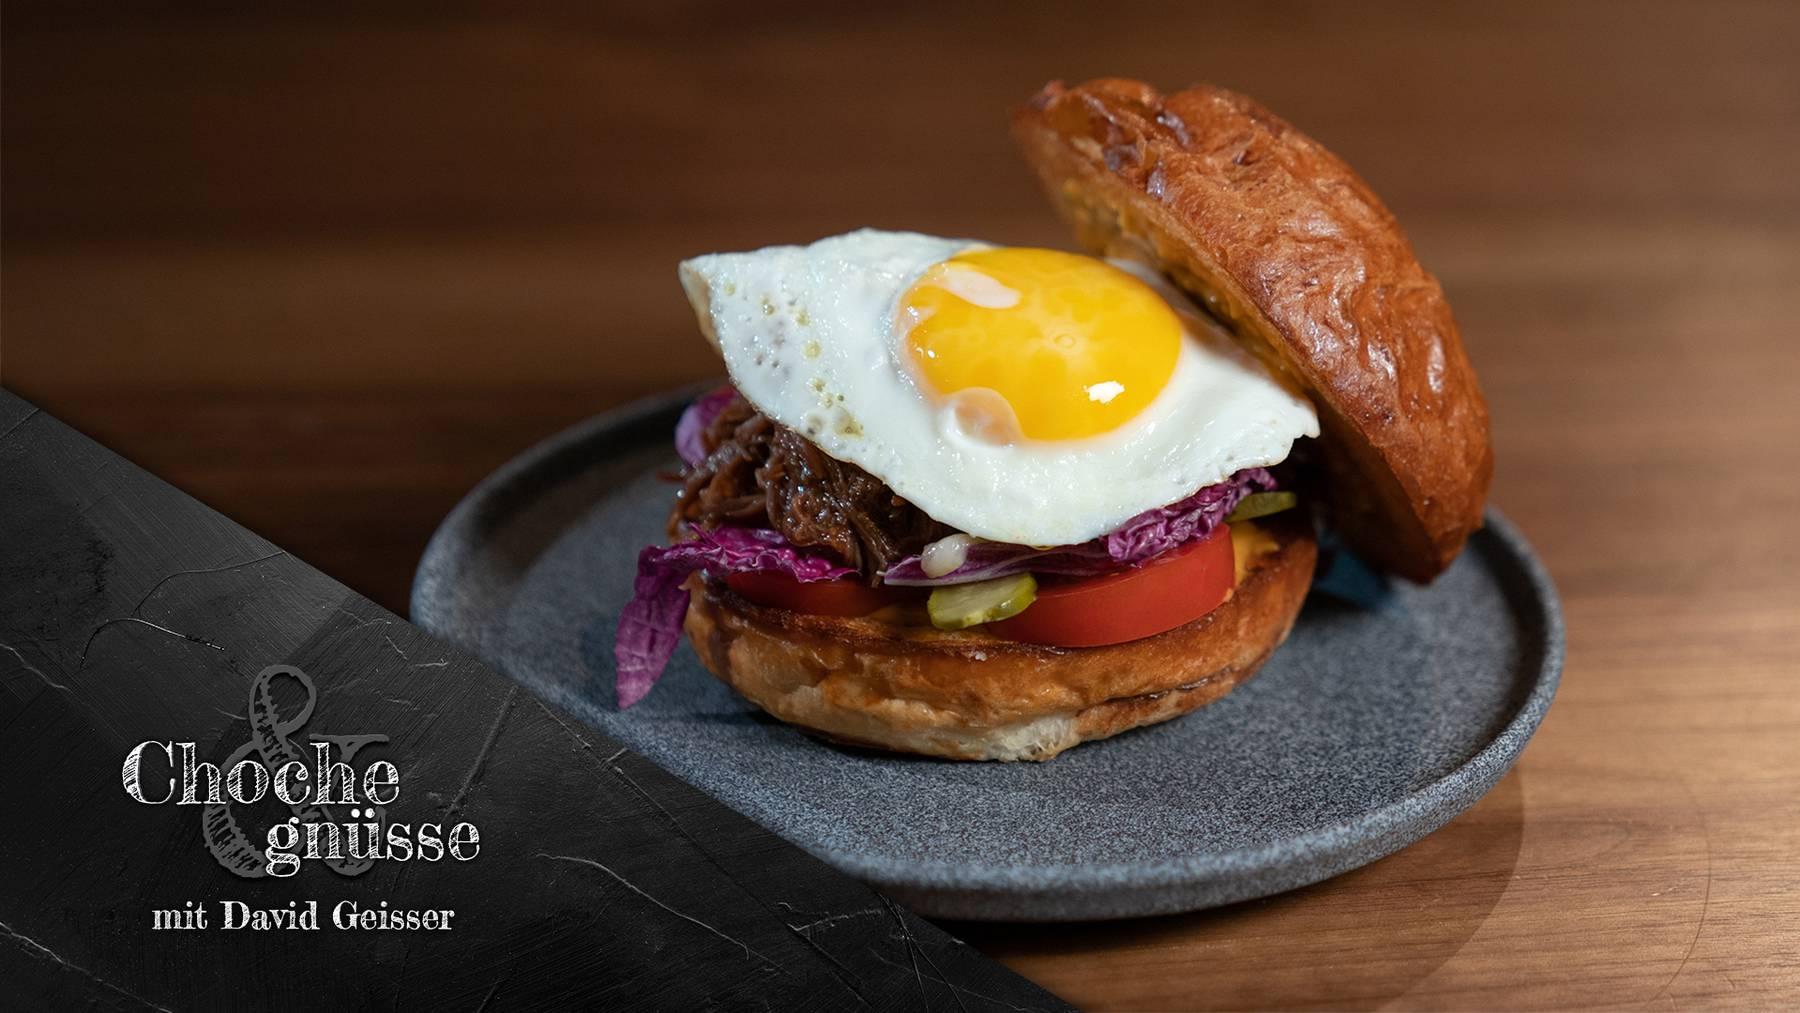 Choche & gnüsse mit David Geisser, Pulled Beef Burger